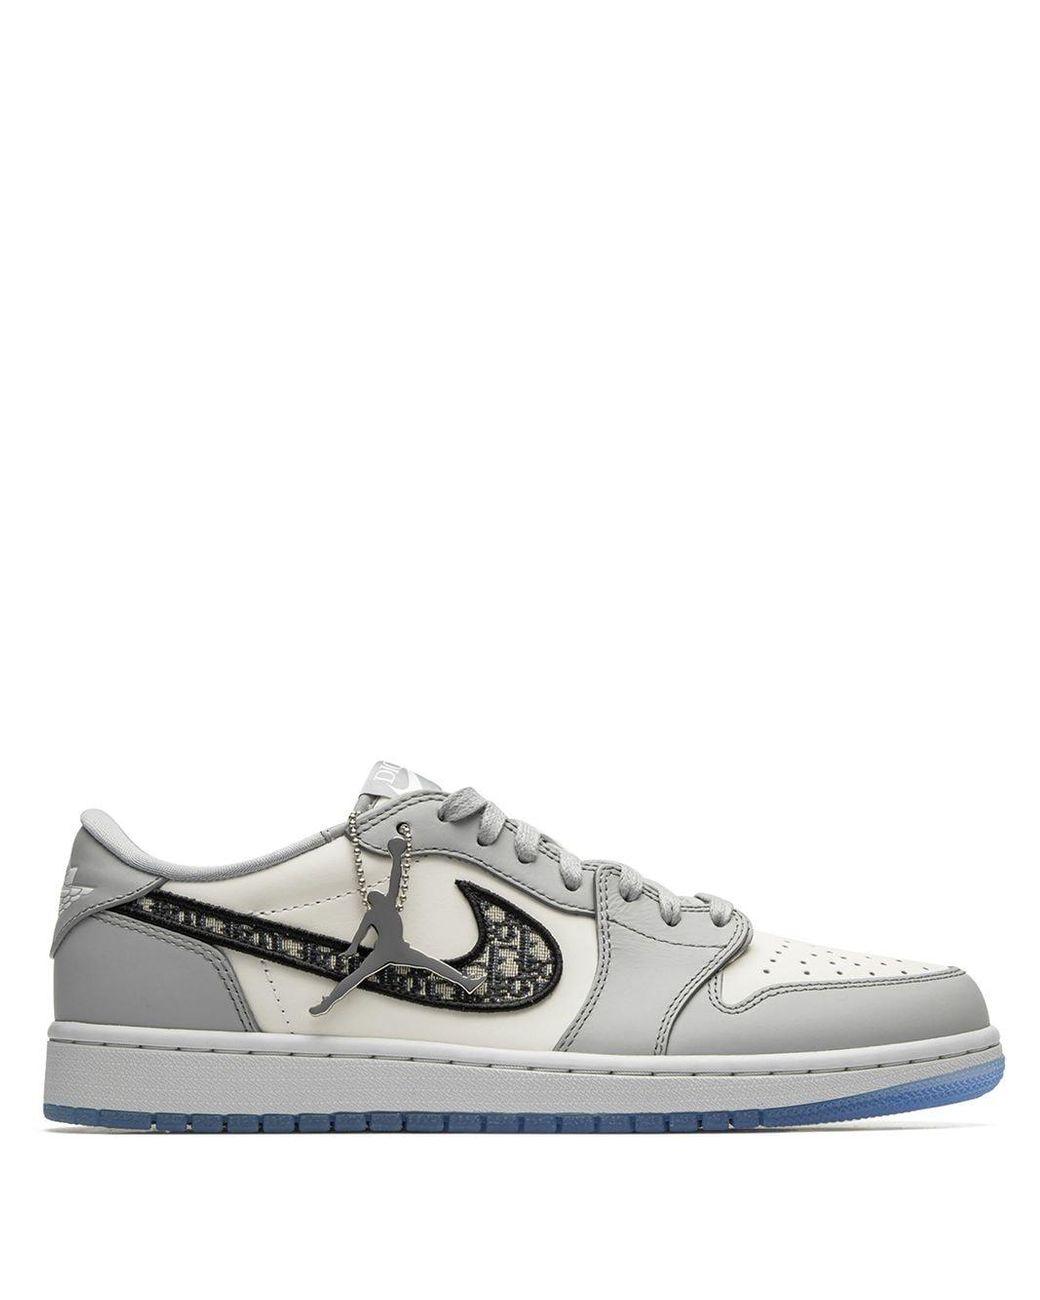 X Dior baskets Air 1 Cuir Nike pour homme en coloris Gris - Lyst